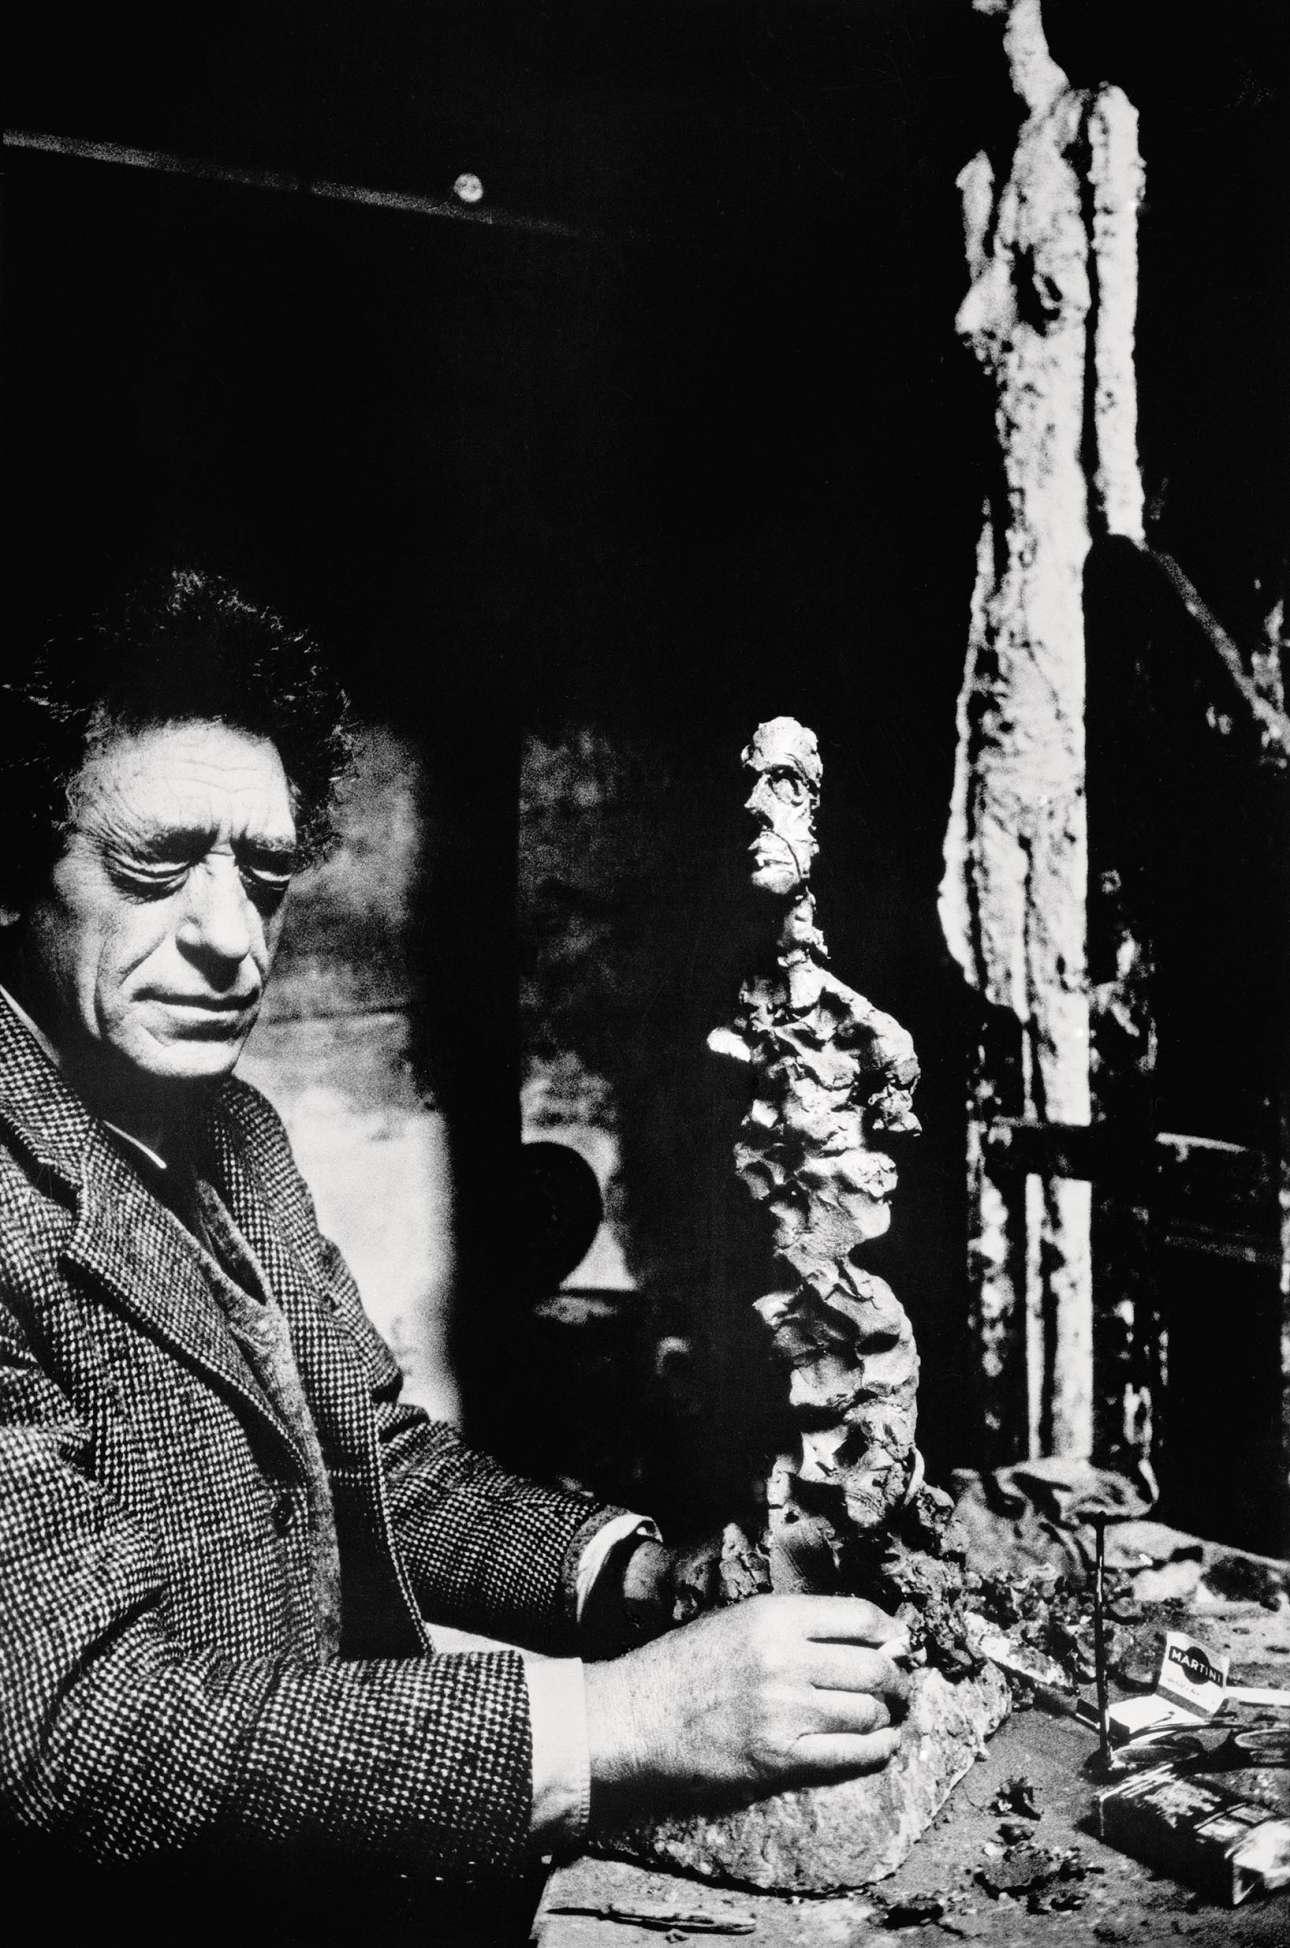 Ο ελβετός γλύπτης Αλμπέρτο Τζιακομέτι με κλειστά μάτια αγγίζει τις μακρόστενες, απόκοσμες φιγούρες του στο ατελιέ του, στη περιοχή Μονπαρνάς του Παρισιού, το 1960